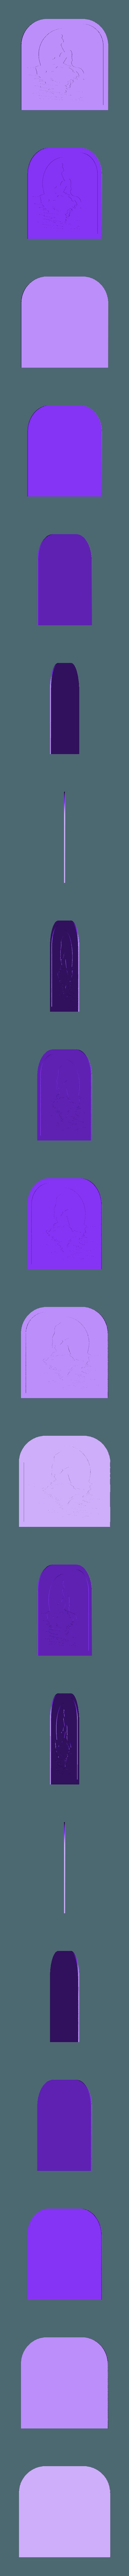 Disney_-_Little_Mermaid_v1.stl Télécharger fichier STL gratuit Disney - Petite Sirène • Modèle pour impression 3D, yb__magiic